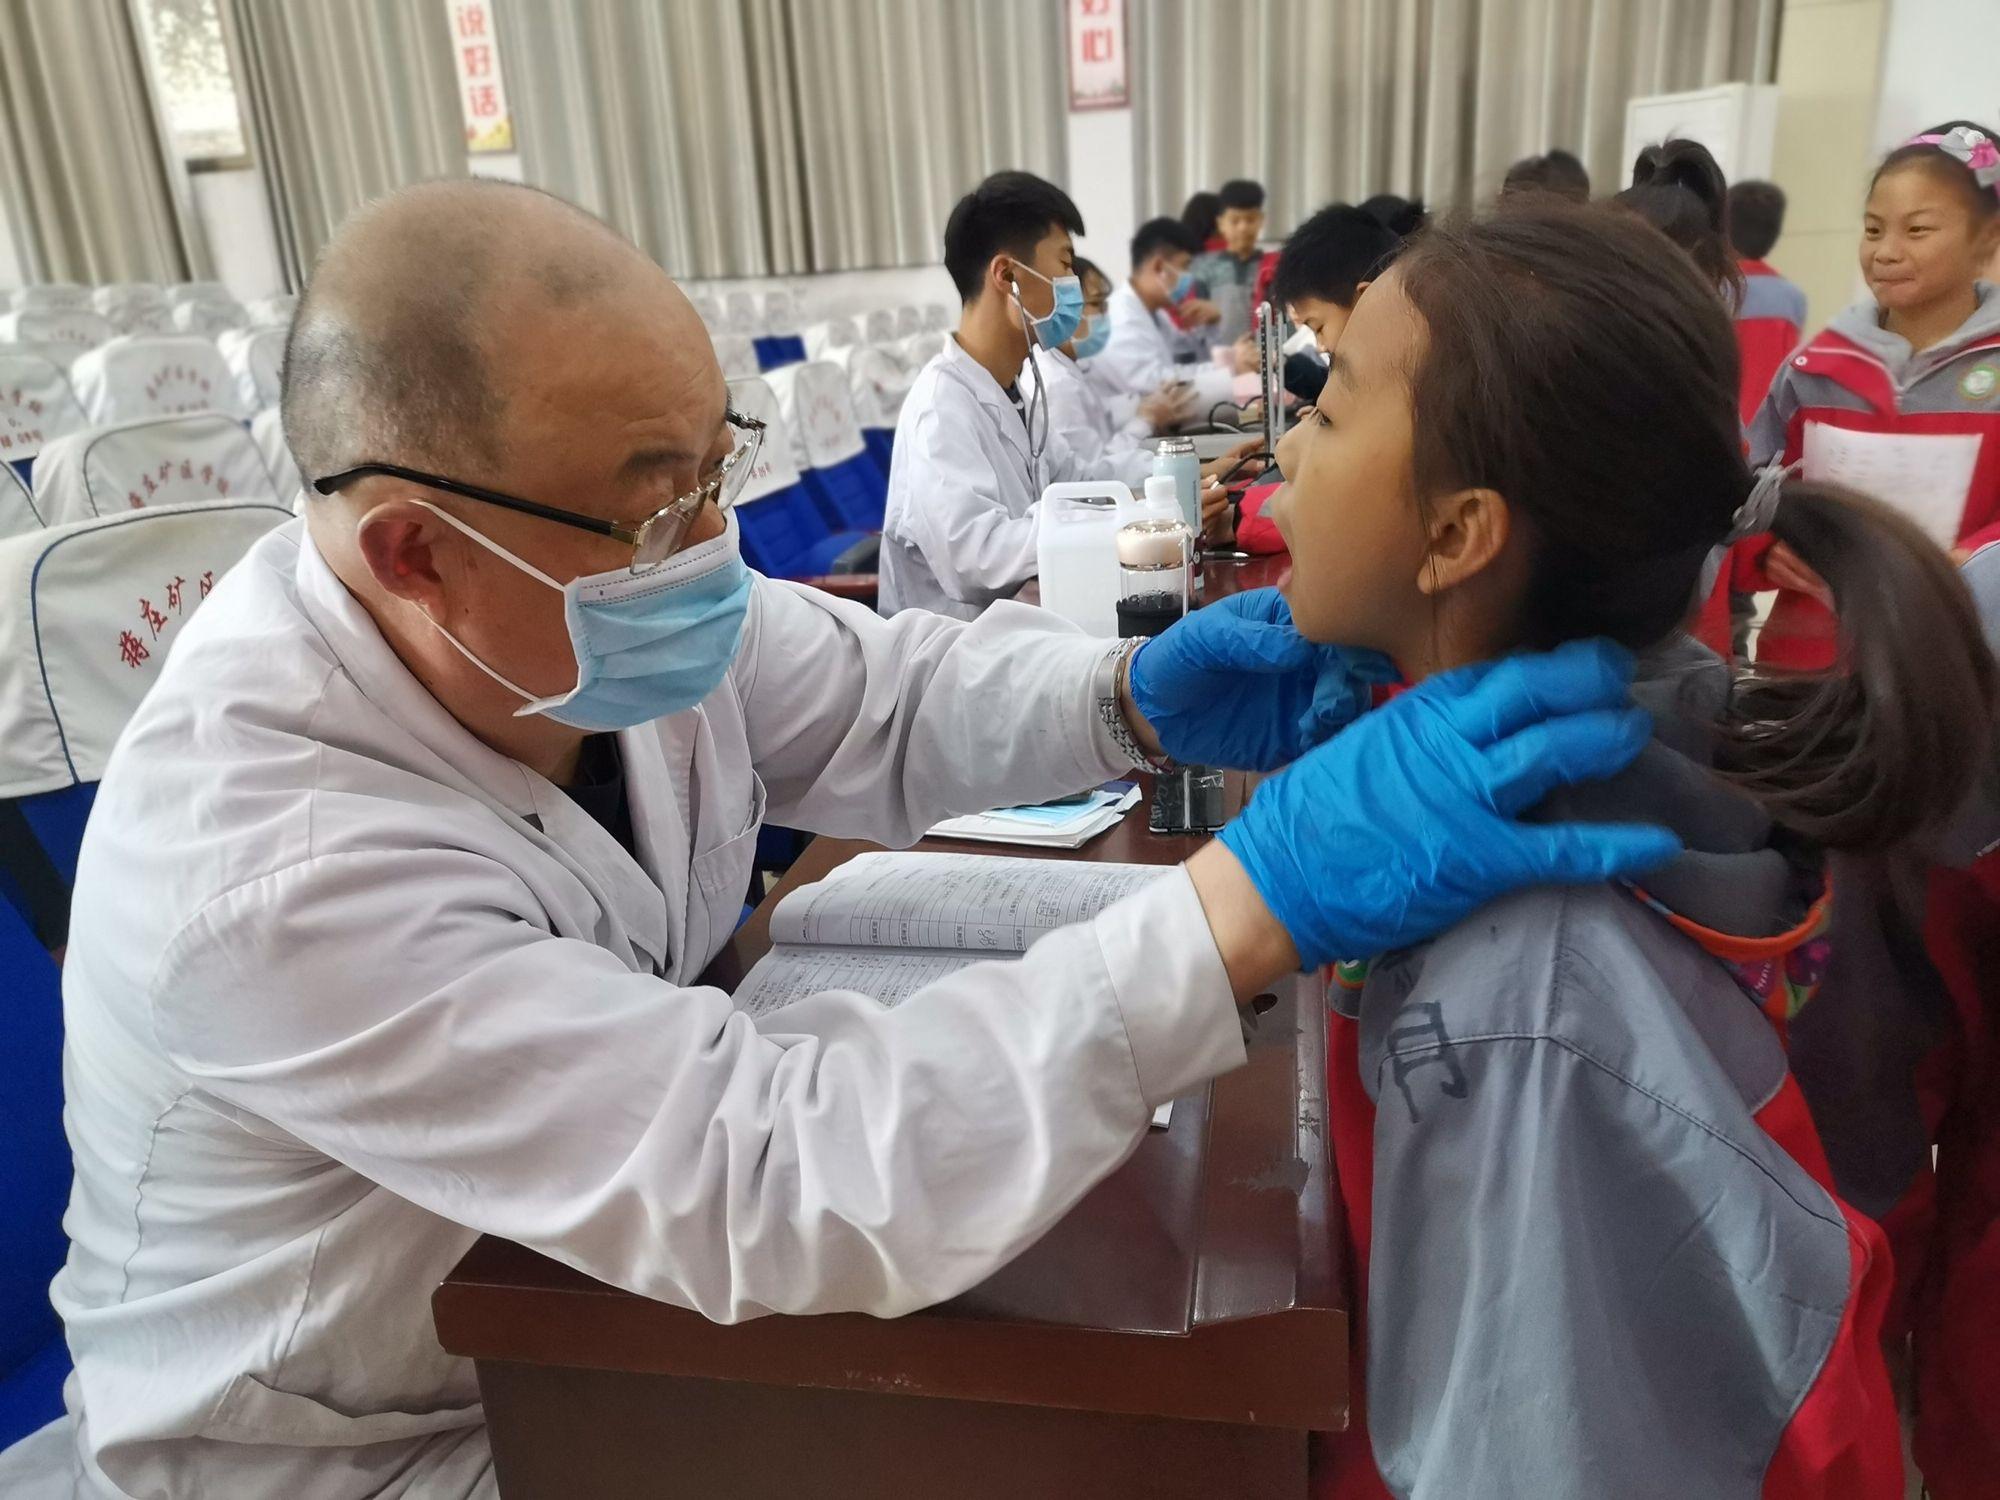 滕州市蒋庄矿区学校组织学生进行健康查体